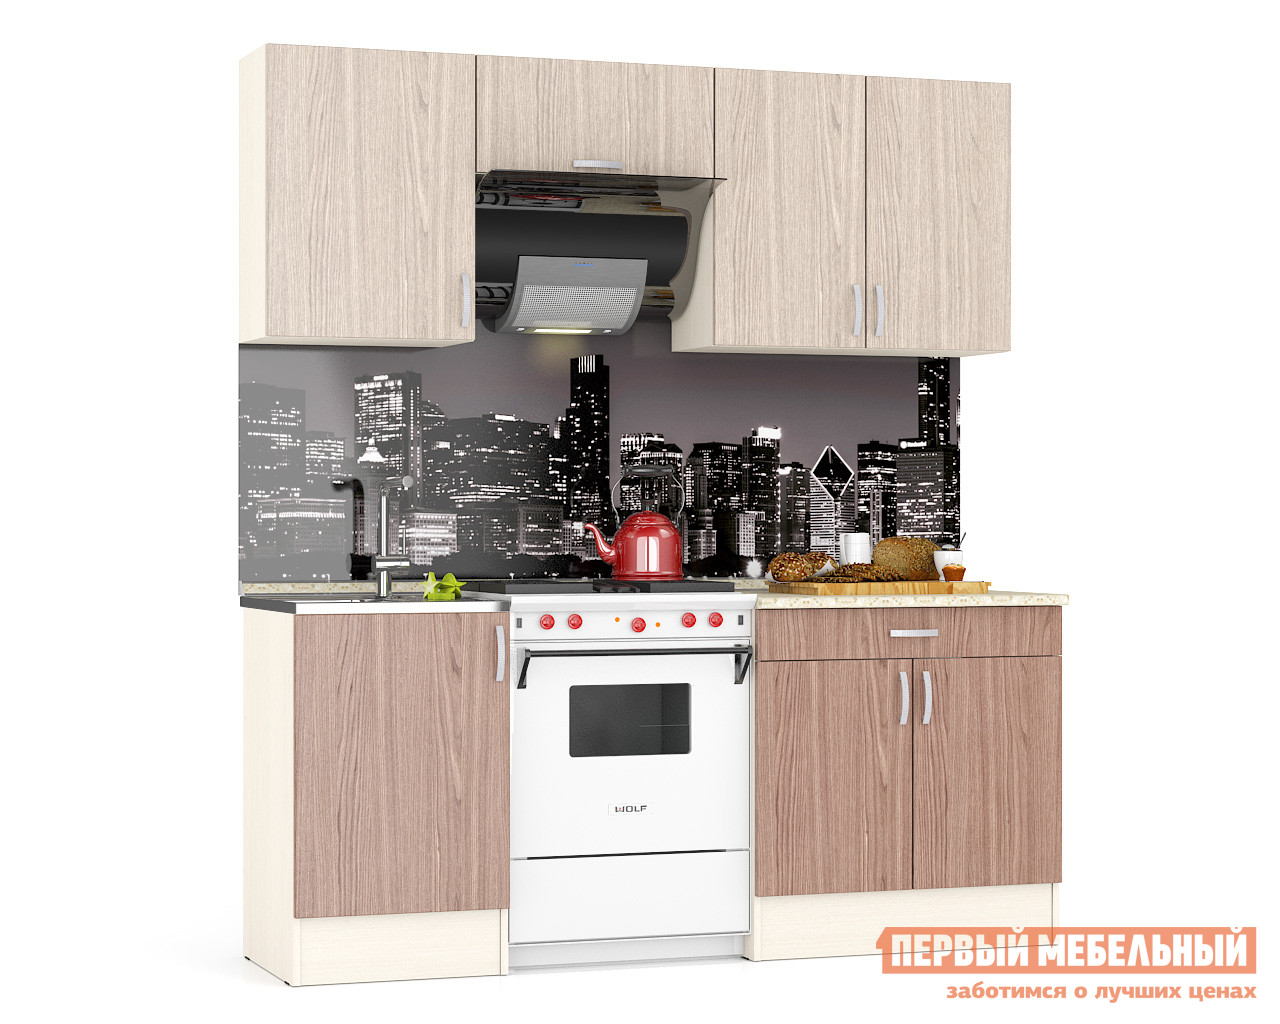 Кухонный гарнитур Бит и Байт Mery кухонный гарнитур трия фэнтези 120 см